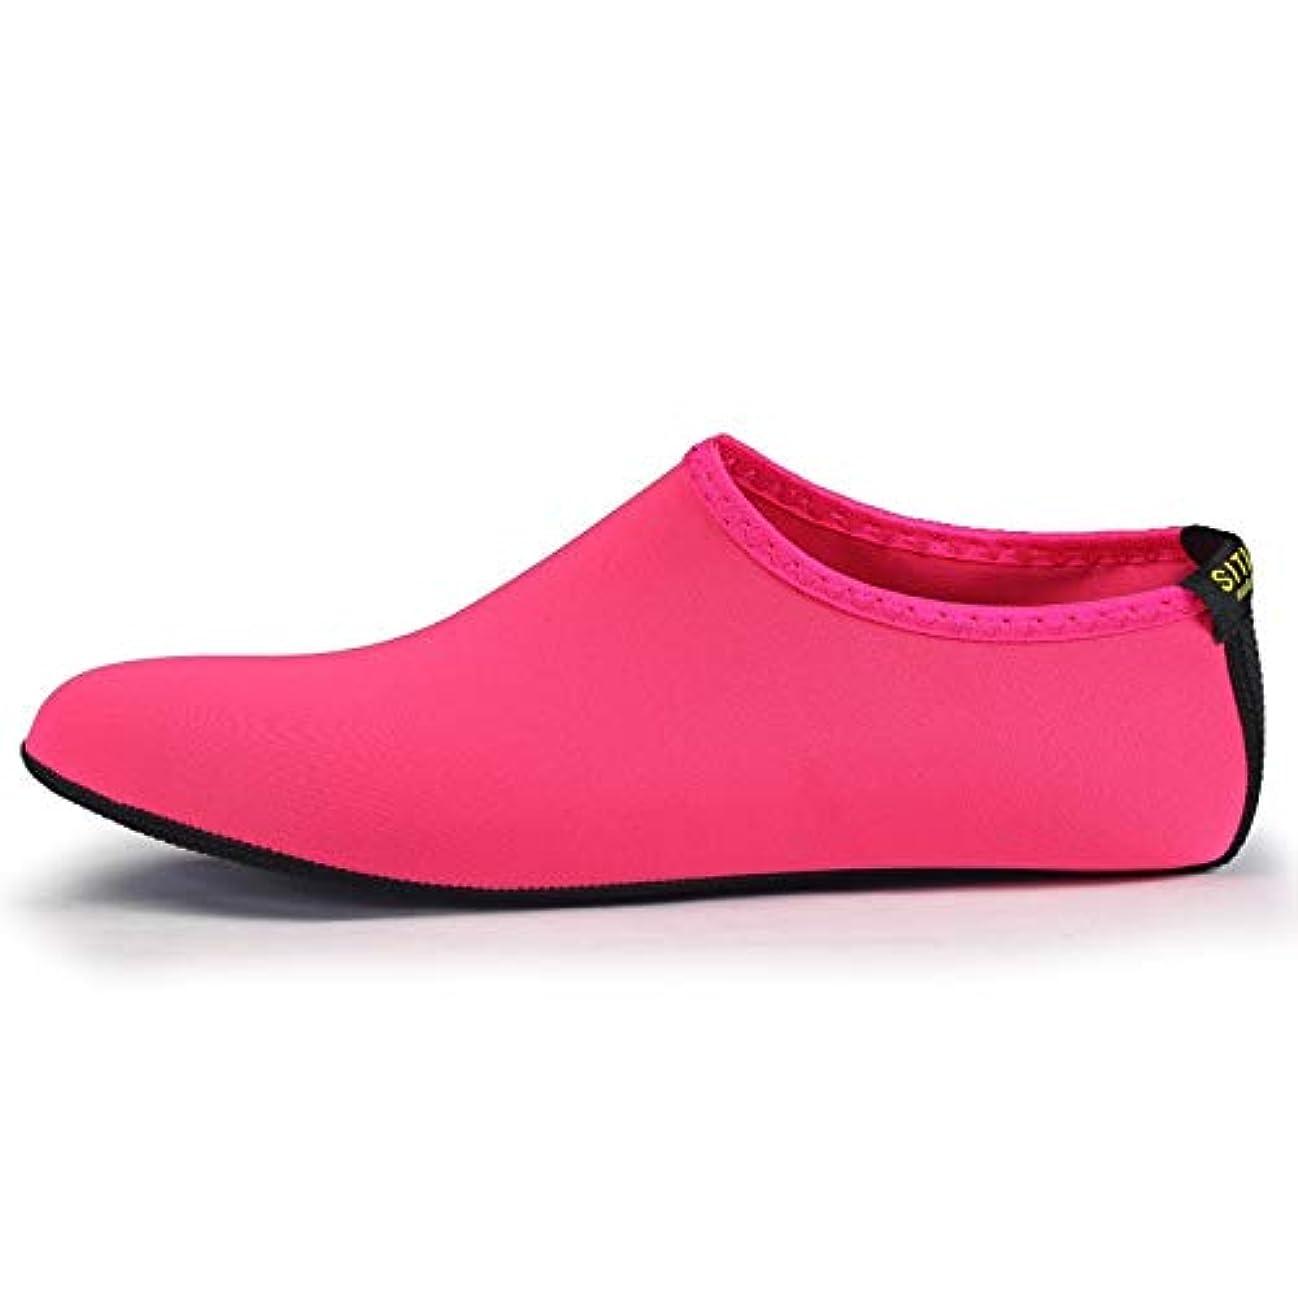 学生花束嘆願裸足水靴、男性と女性のダイビングソックスシュノーケリングソックス大人のビーチソックスシューズ滑り止め靴 (Color : Red, Size : EU-40)